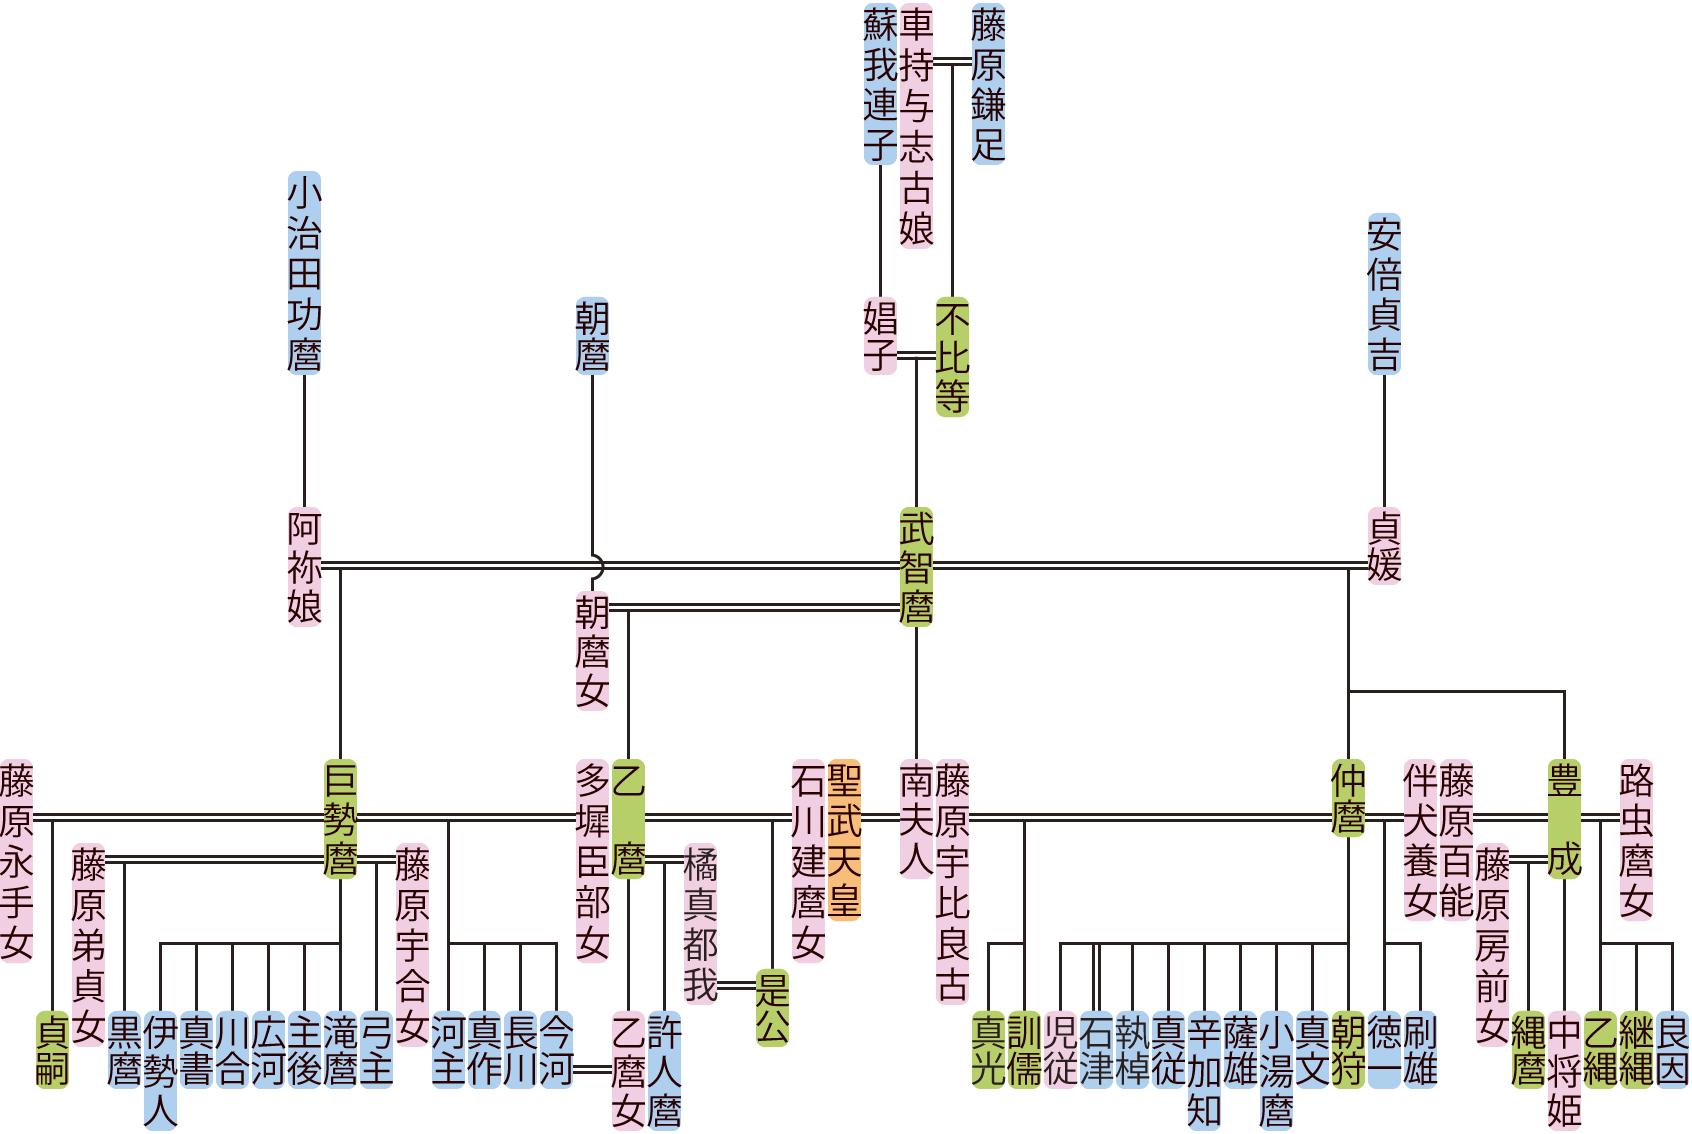 藤原武智麿の系図